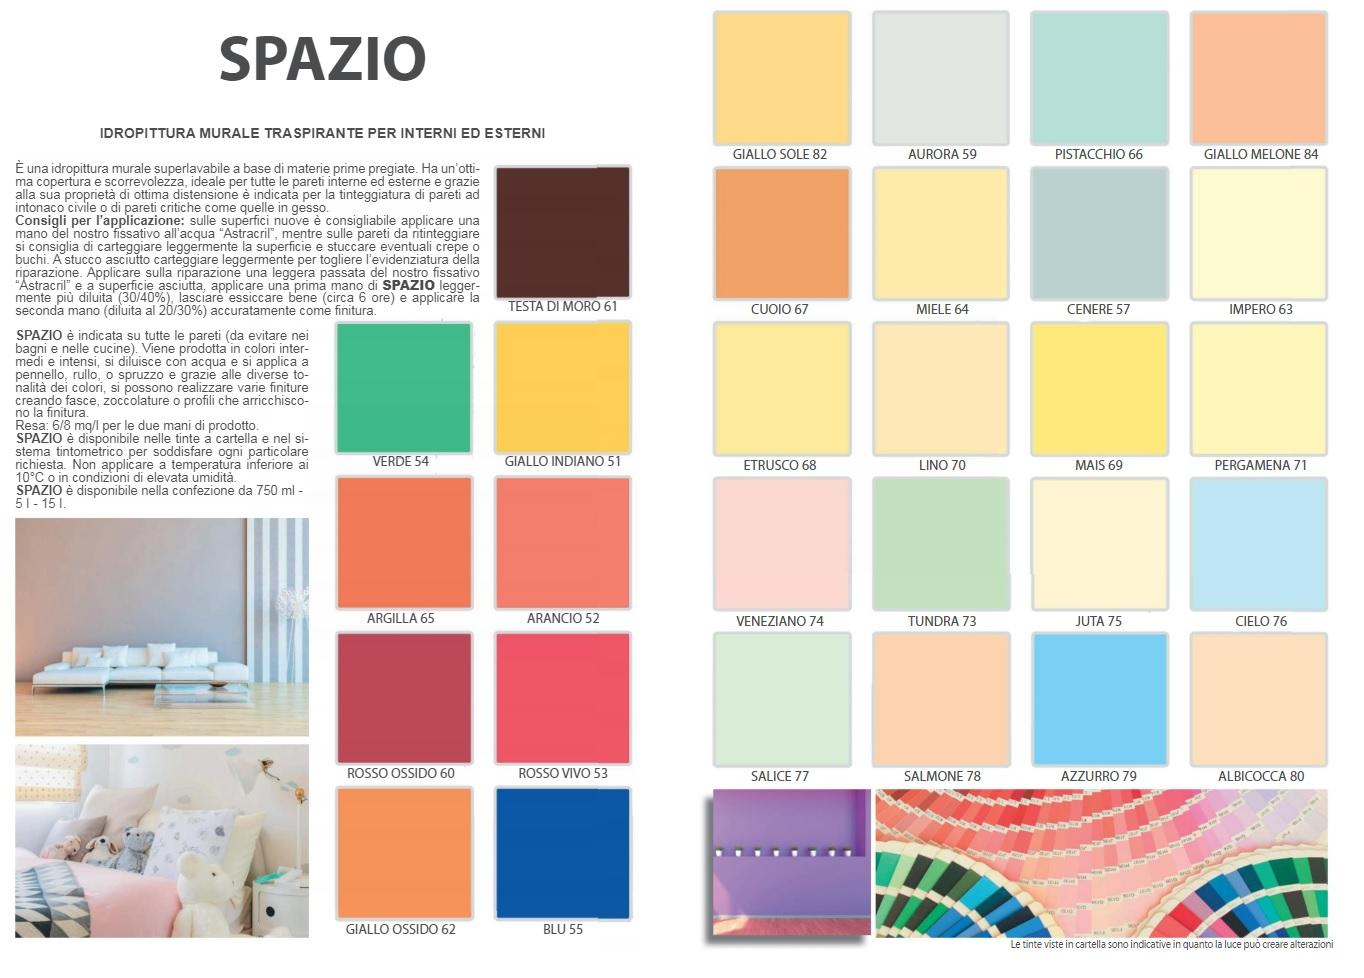 SPAZIO IDROPITTURA MURALE | Colorificio Astrale